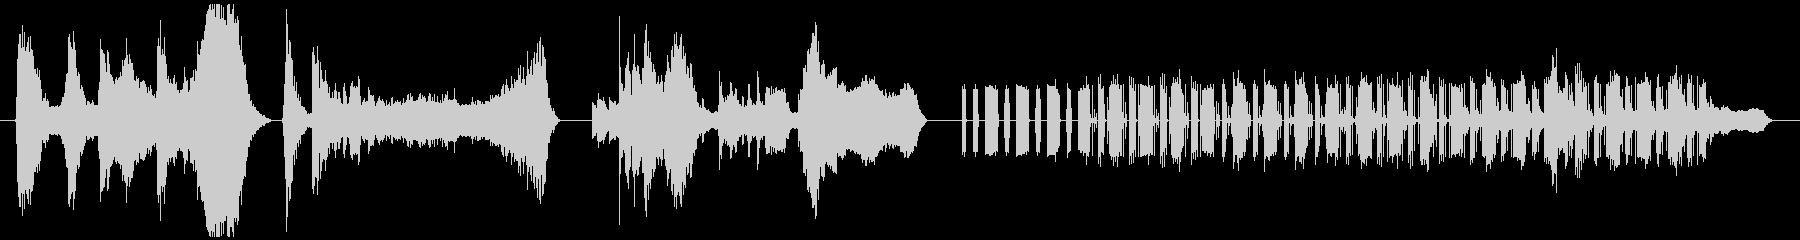 山の夕焼けと重低音の調べの未再生の波形